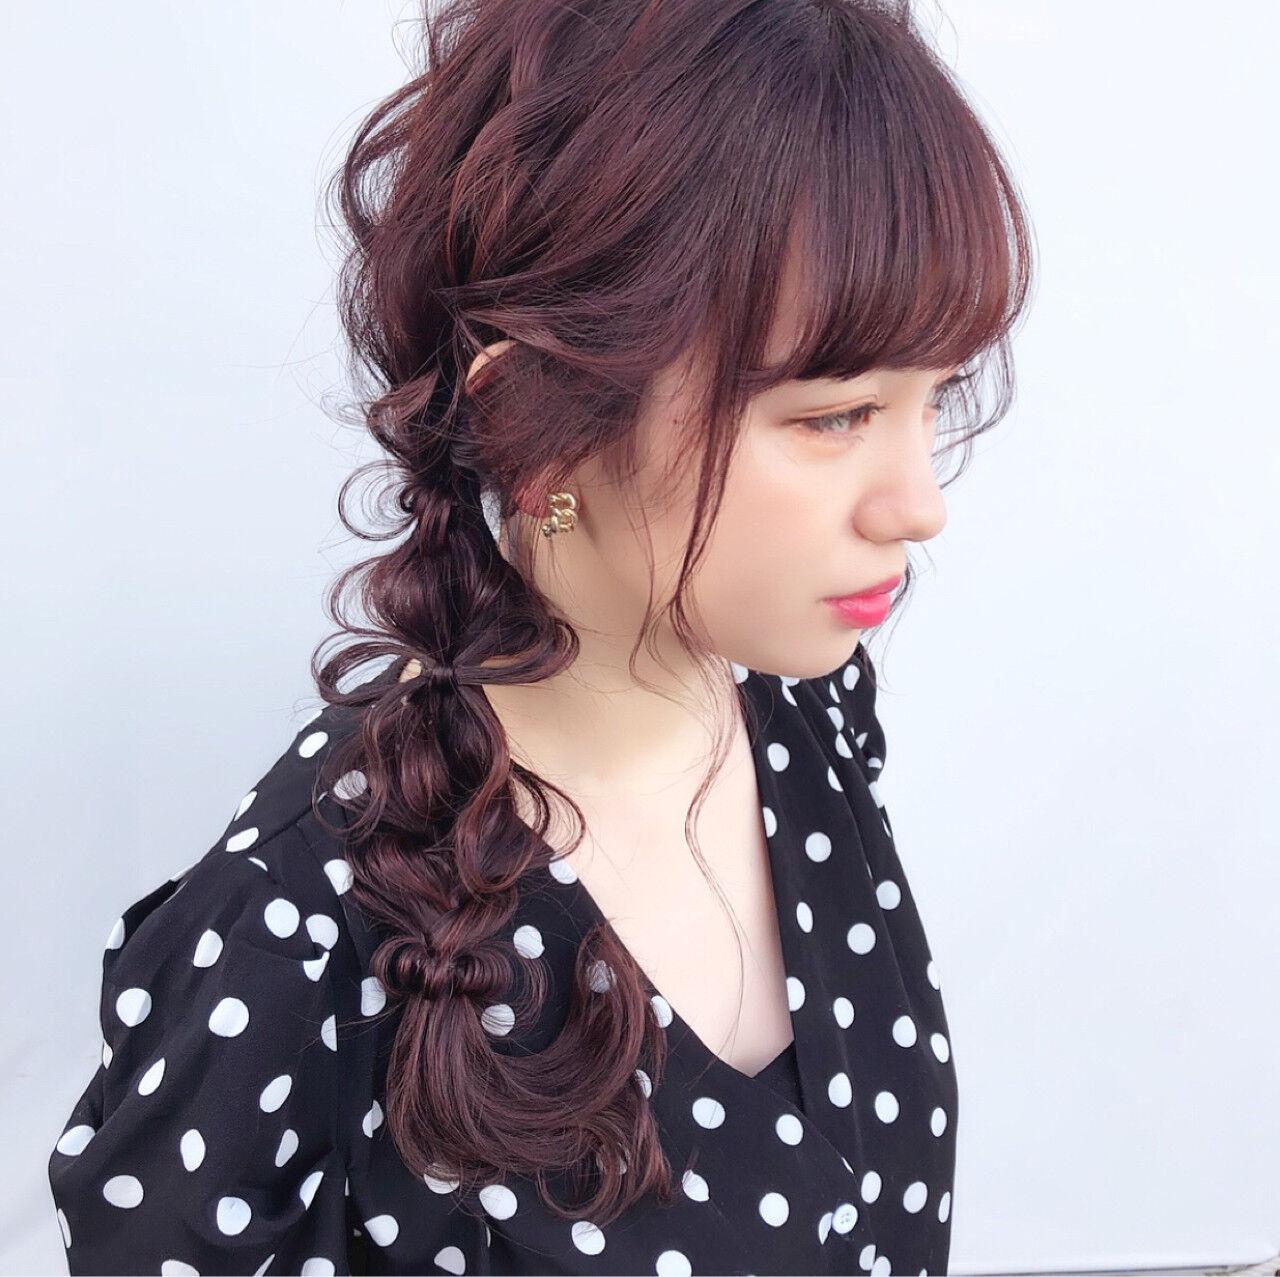 ロング パーティ ガーリー 編み込みヘアスタイルや髪型の写真・画像